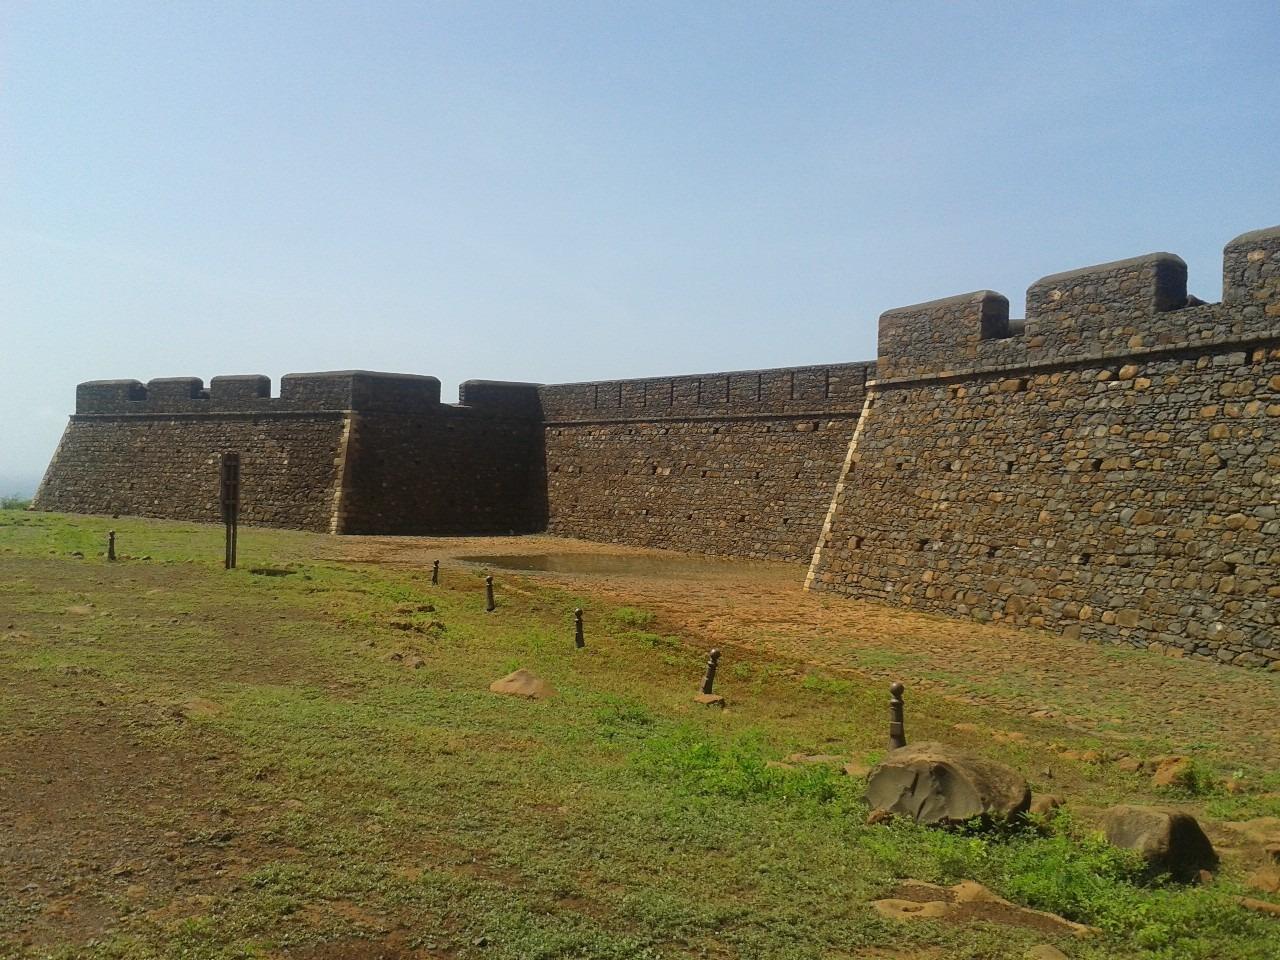 Fort de São Filipe sur l'île de Santiago, construit pour contrer les attaques des pirates et vue panoramique sur la vallée de Ribeira Grande, où se trouve Cidade Velha